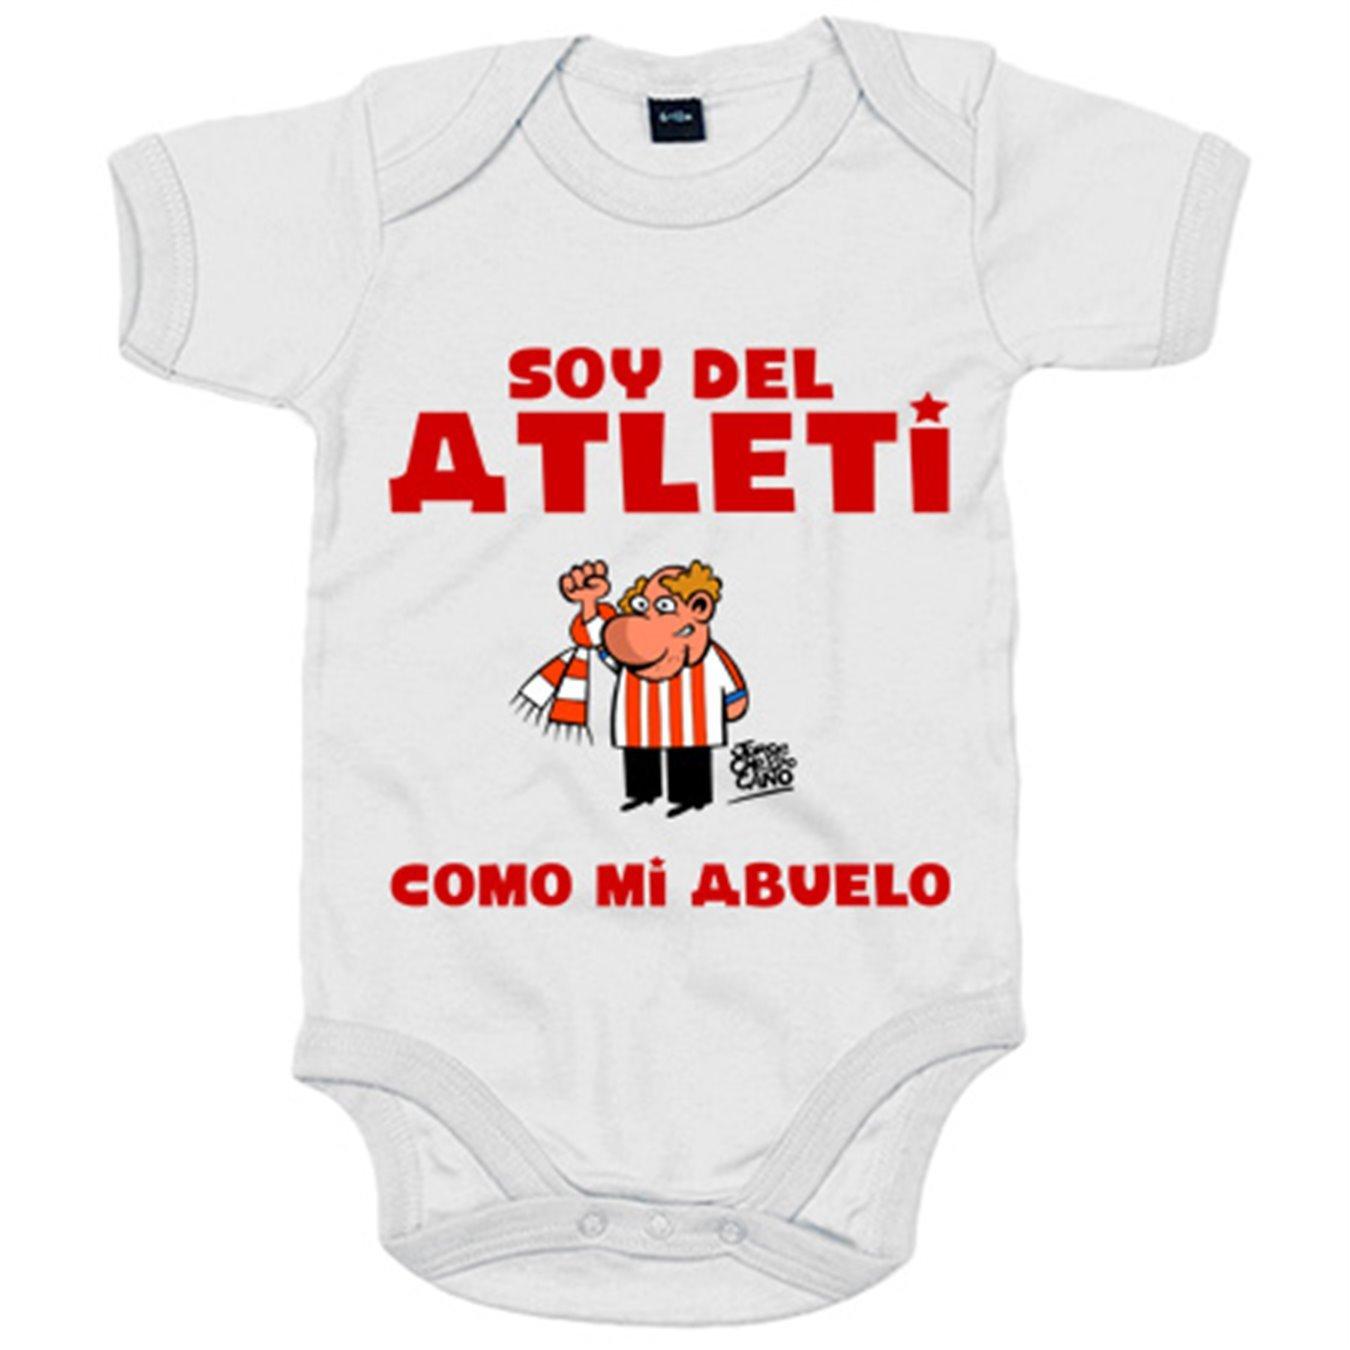 Body bebé Atlético de Madrid soy del atleti como mi abuelo - Amarillo, 6-12 meses